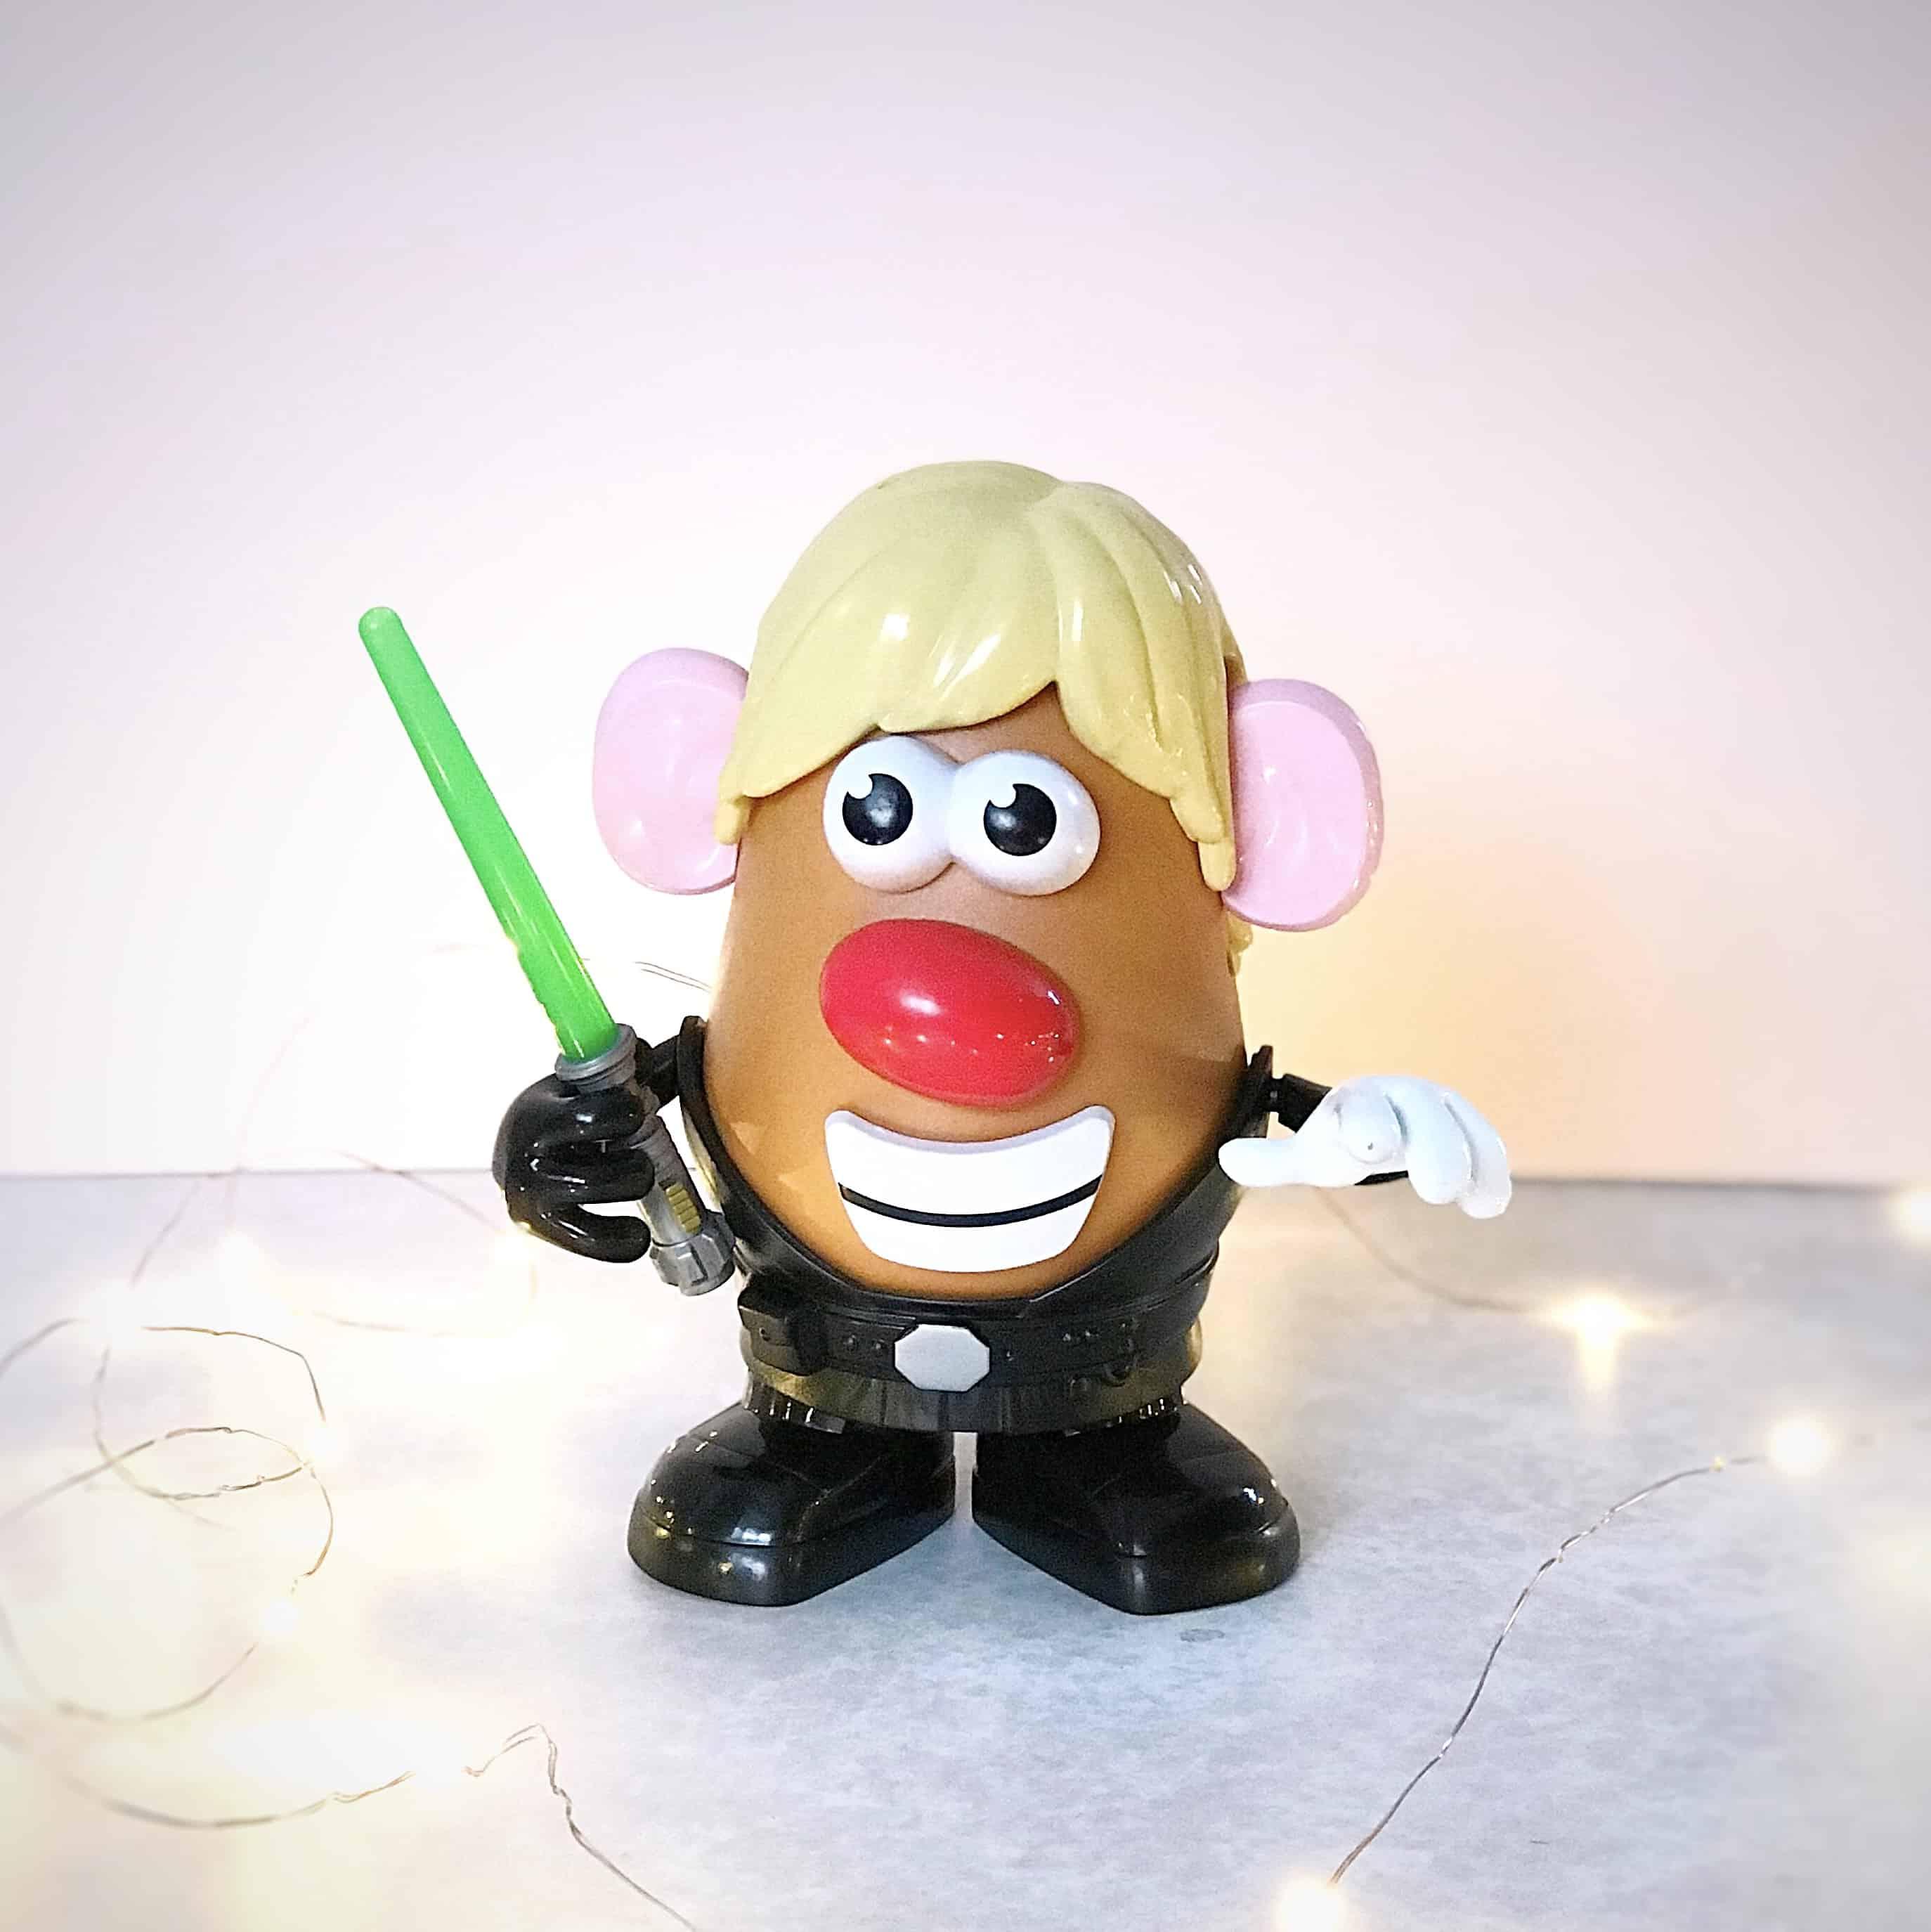 Star Wars Luke Frywalker Mr. Potato Head figure